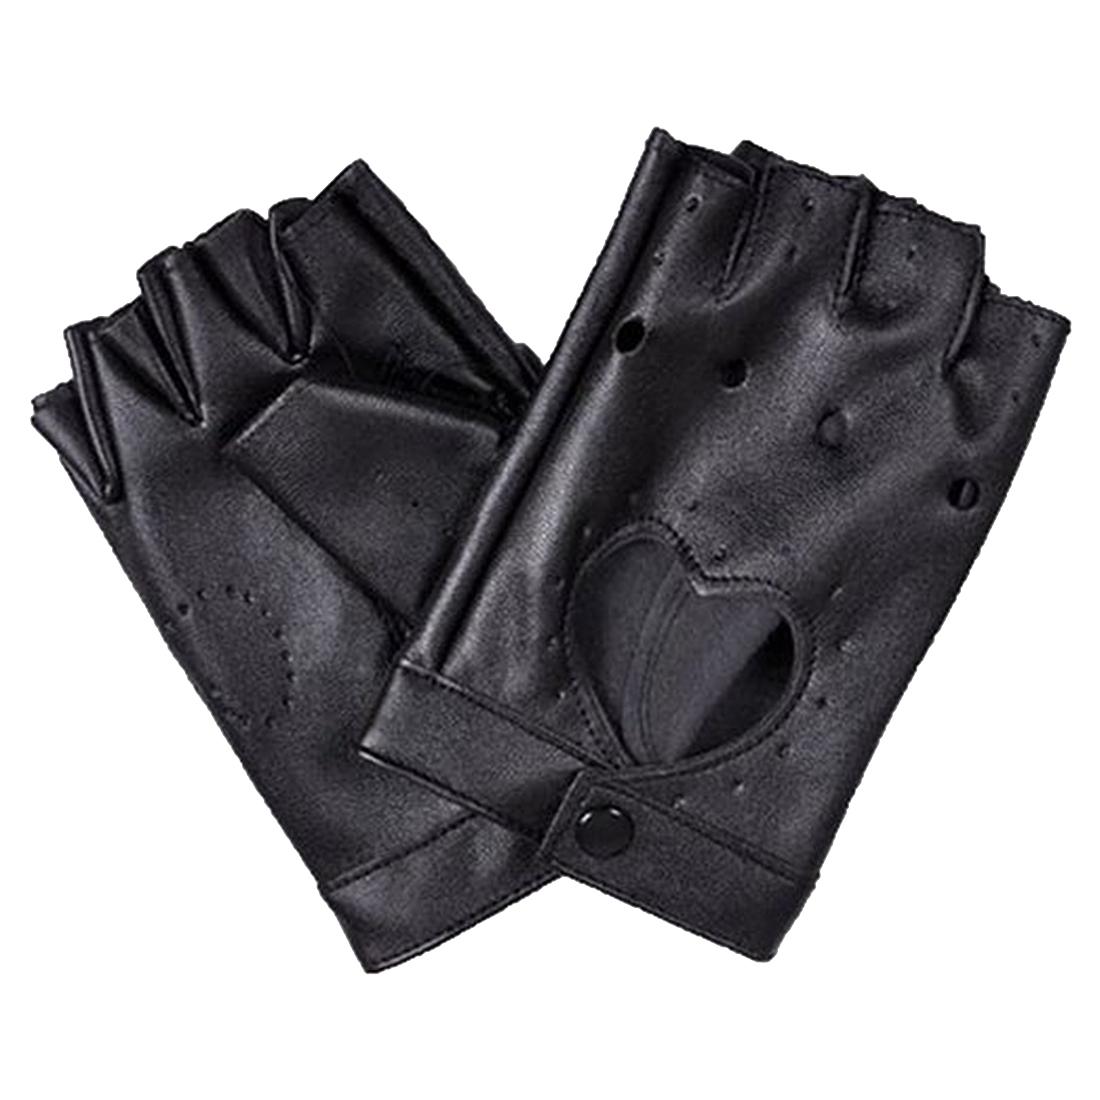 damen pu leder niete fingerlose handschuhe y8 ebay. Black Bedroom Furniture Sets. Home Design Ideas